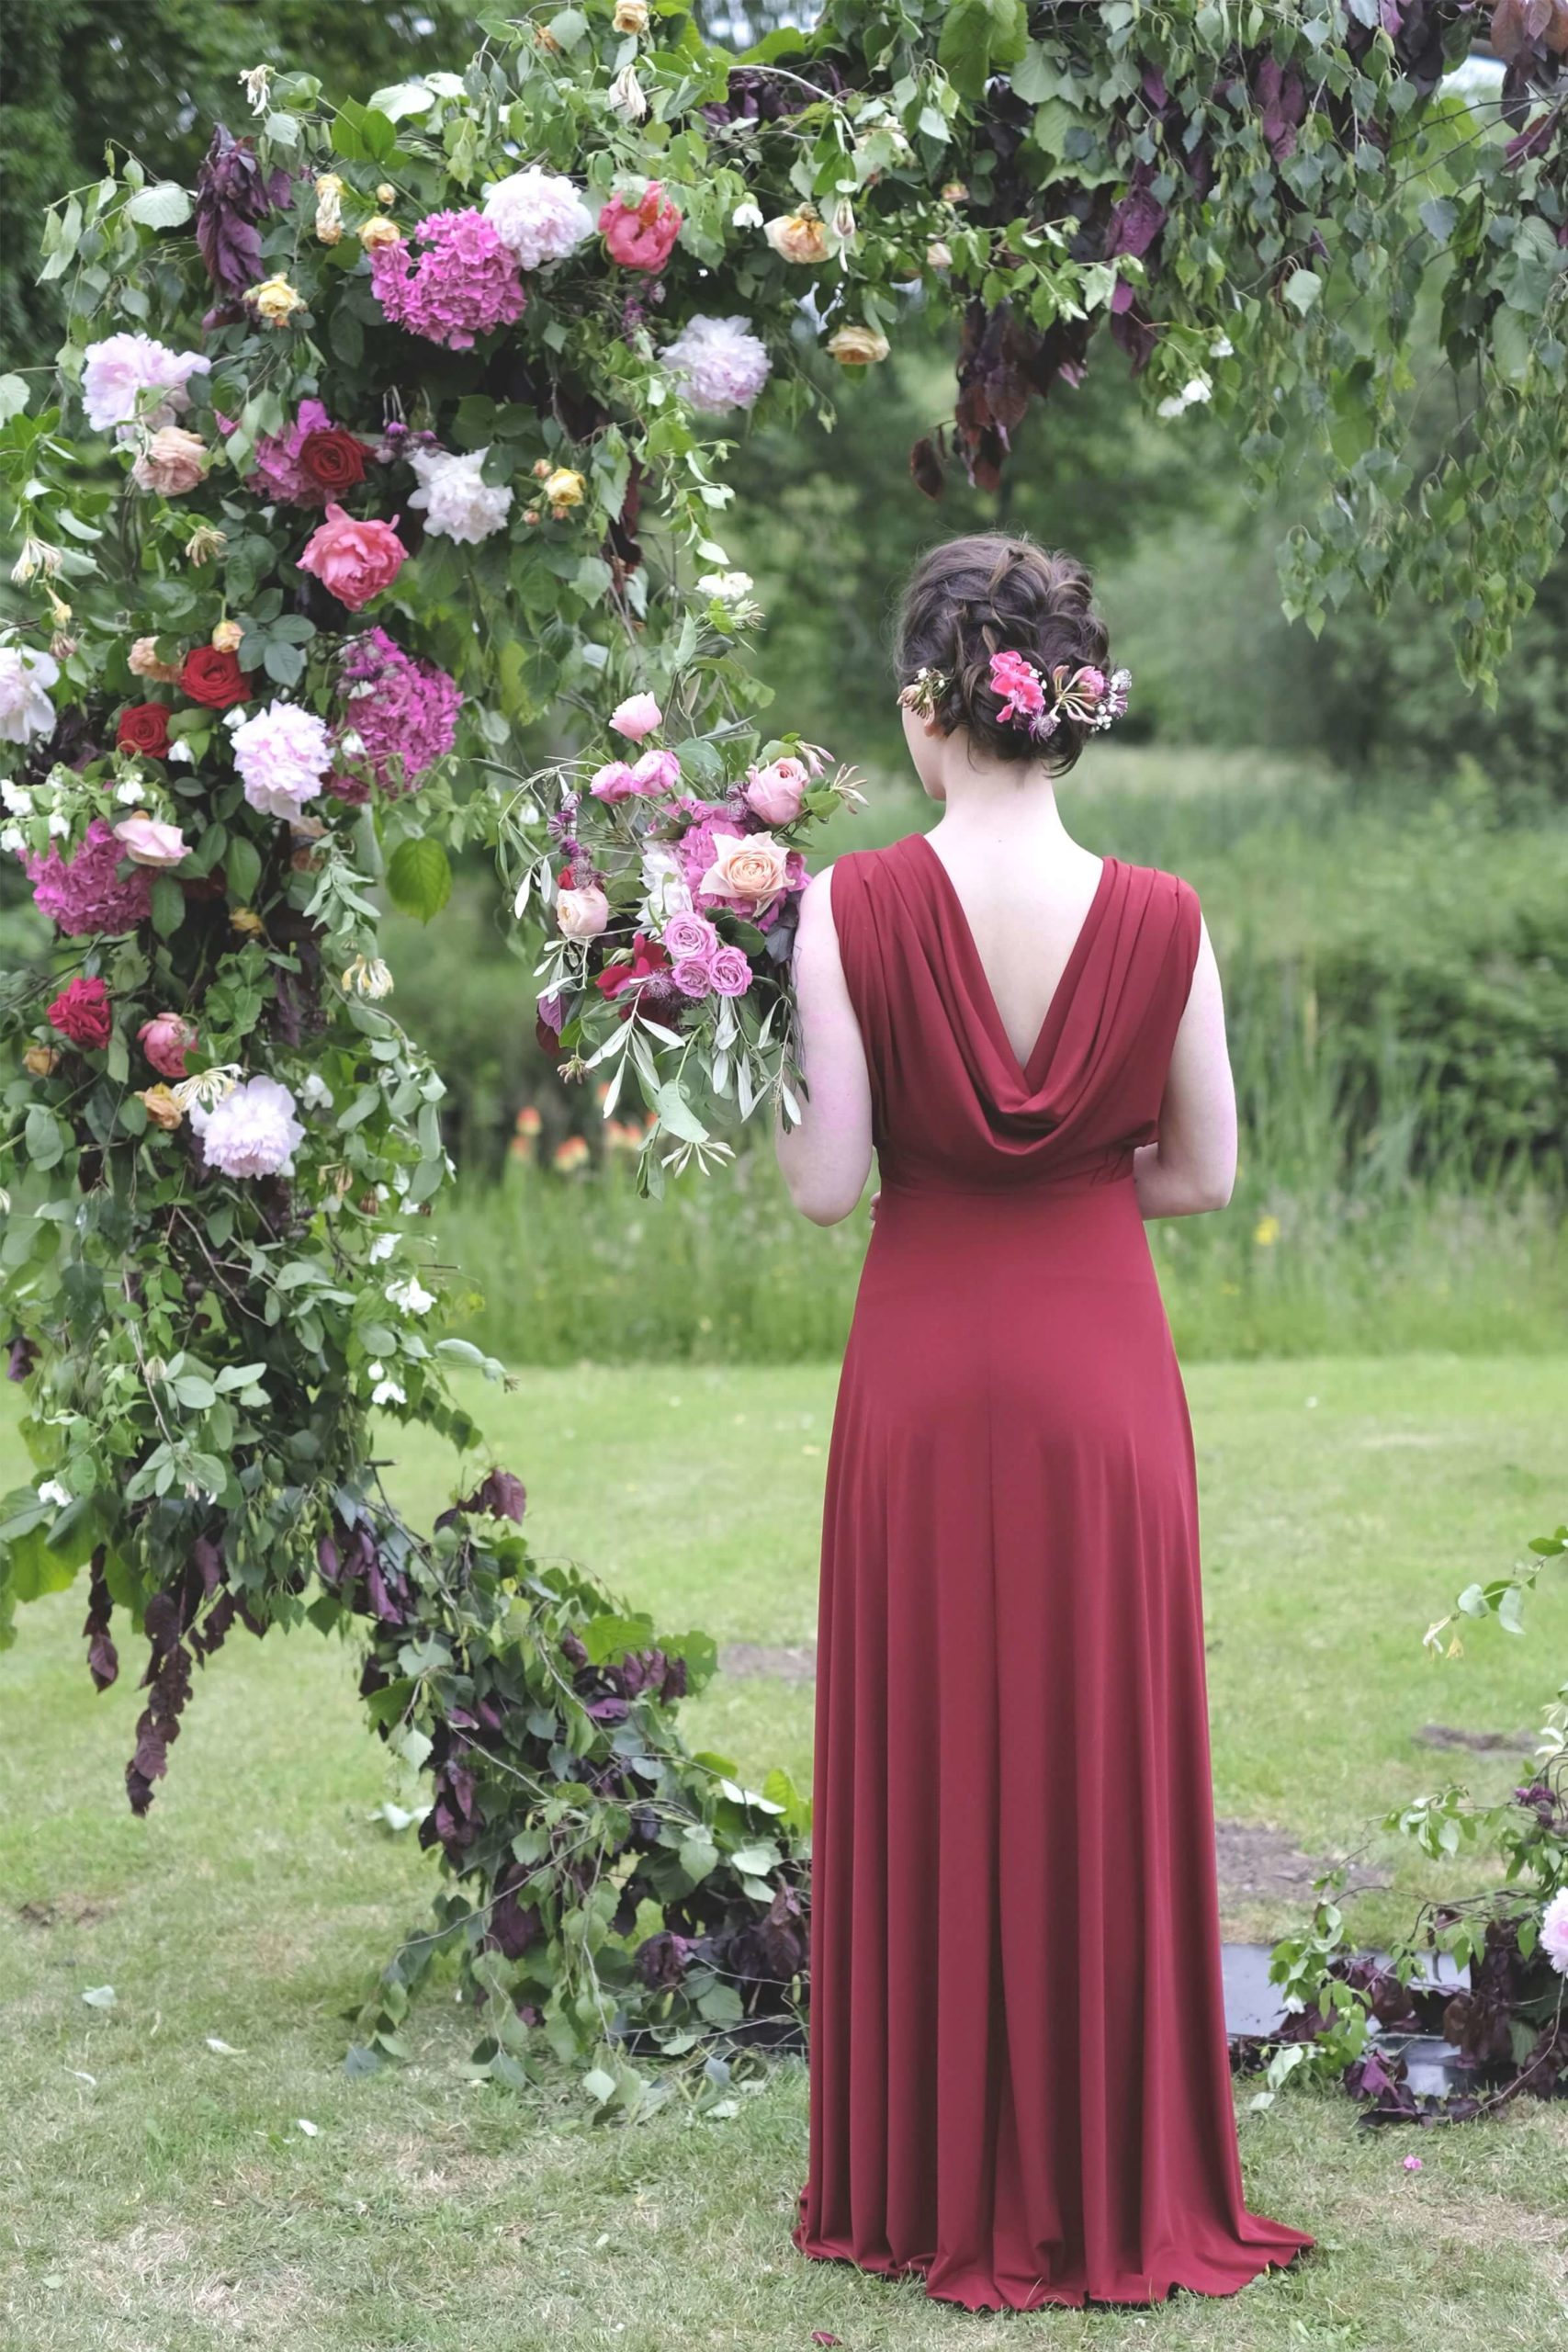 Rose, Claret & Blackberries 31